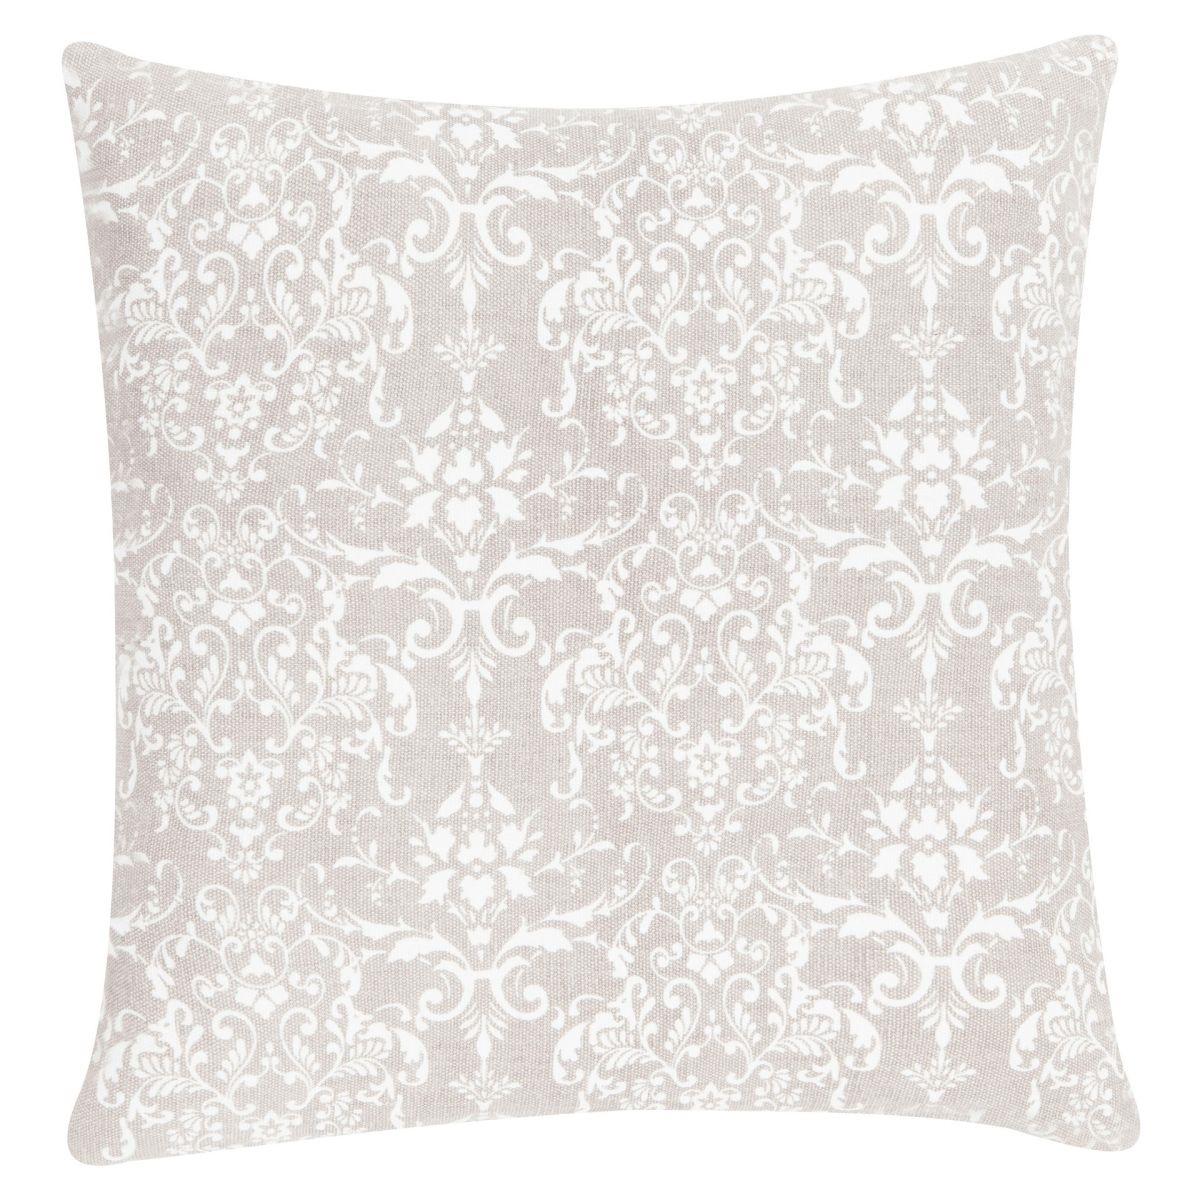 Stonewash Creme Throw Pillow 50x50 cm